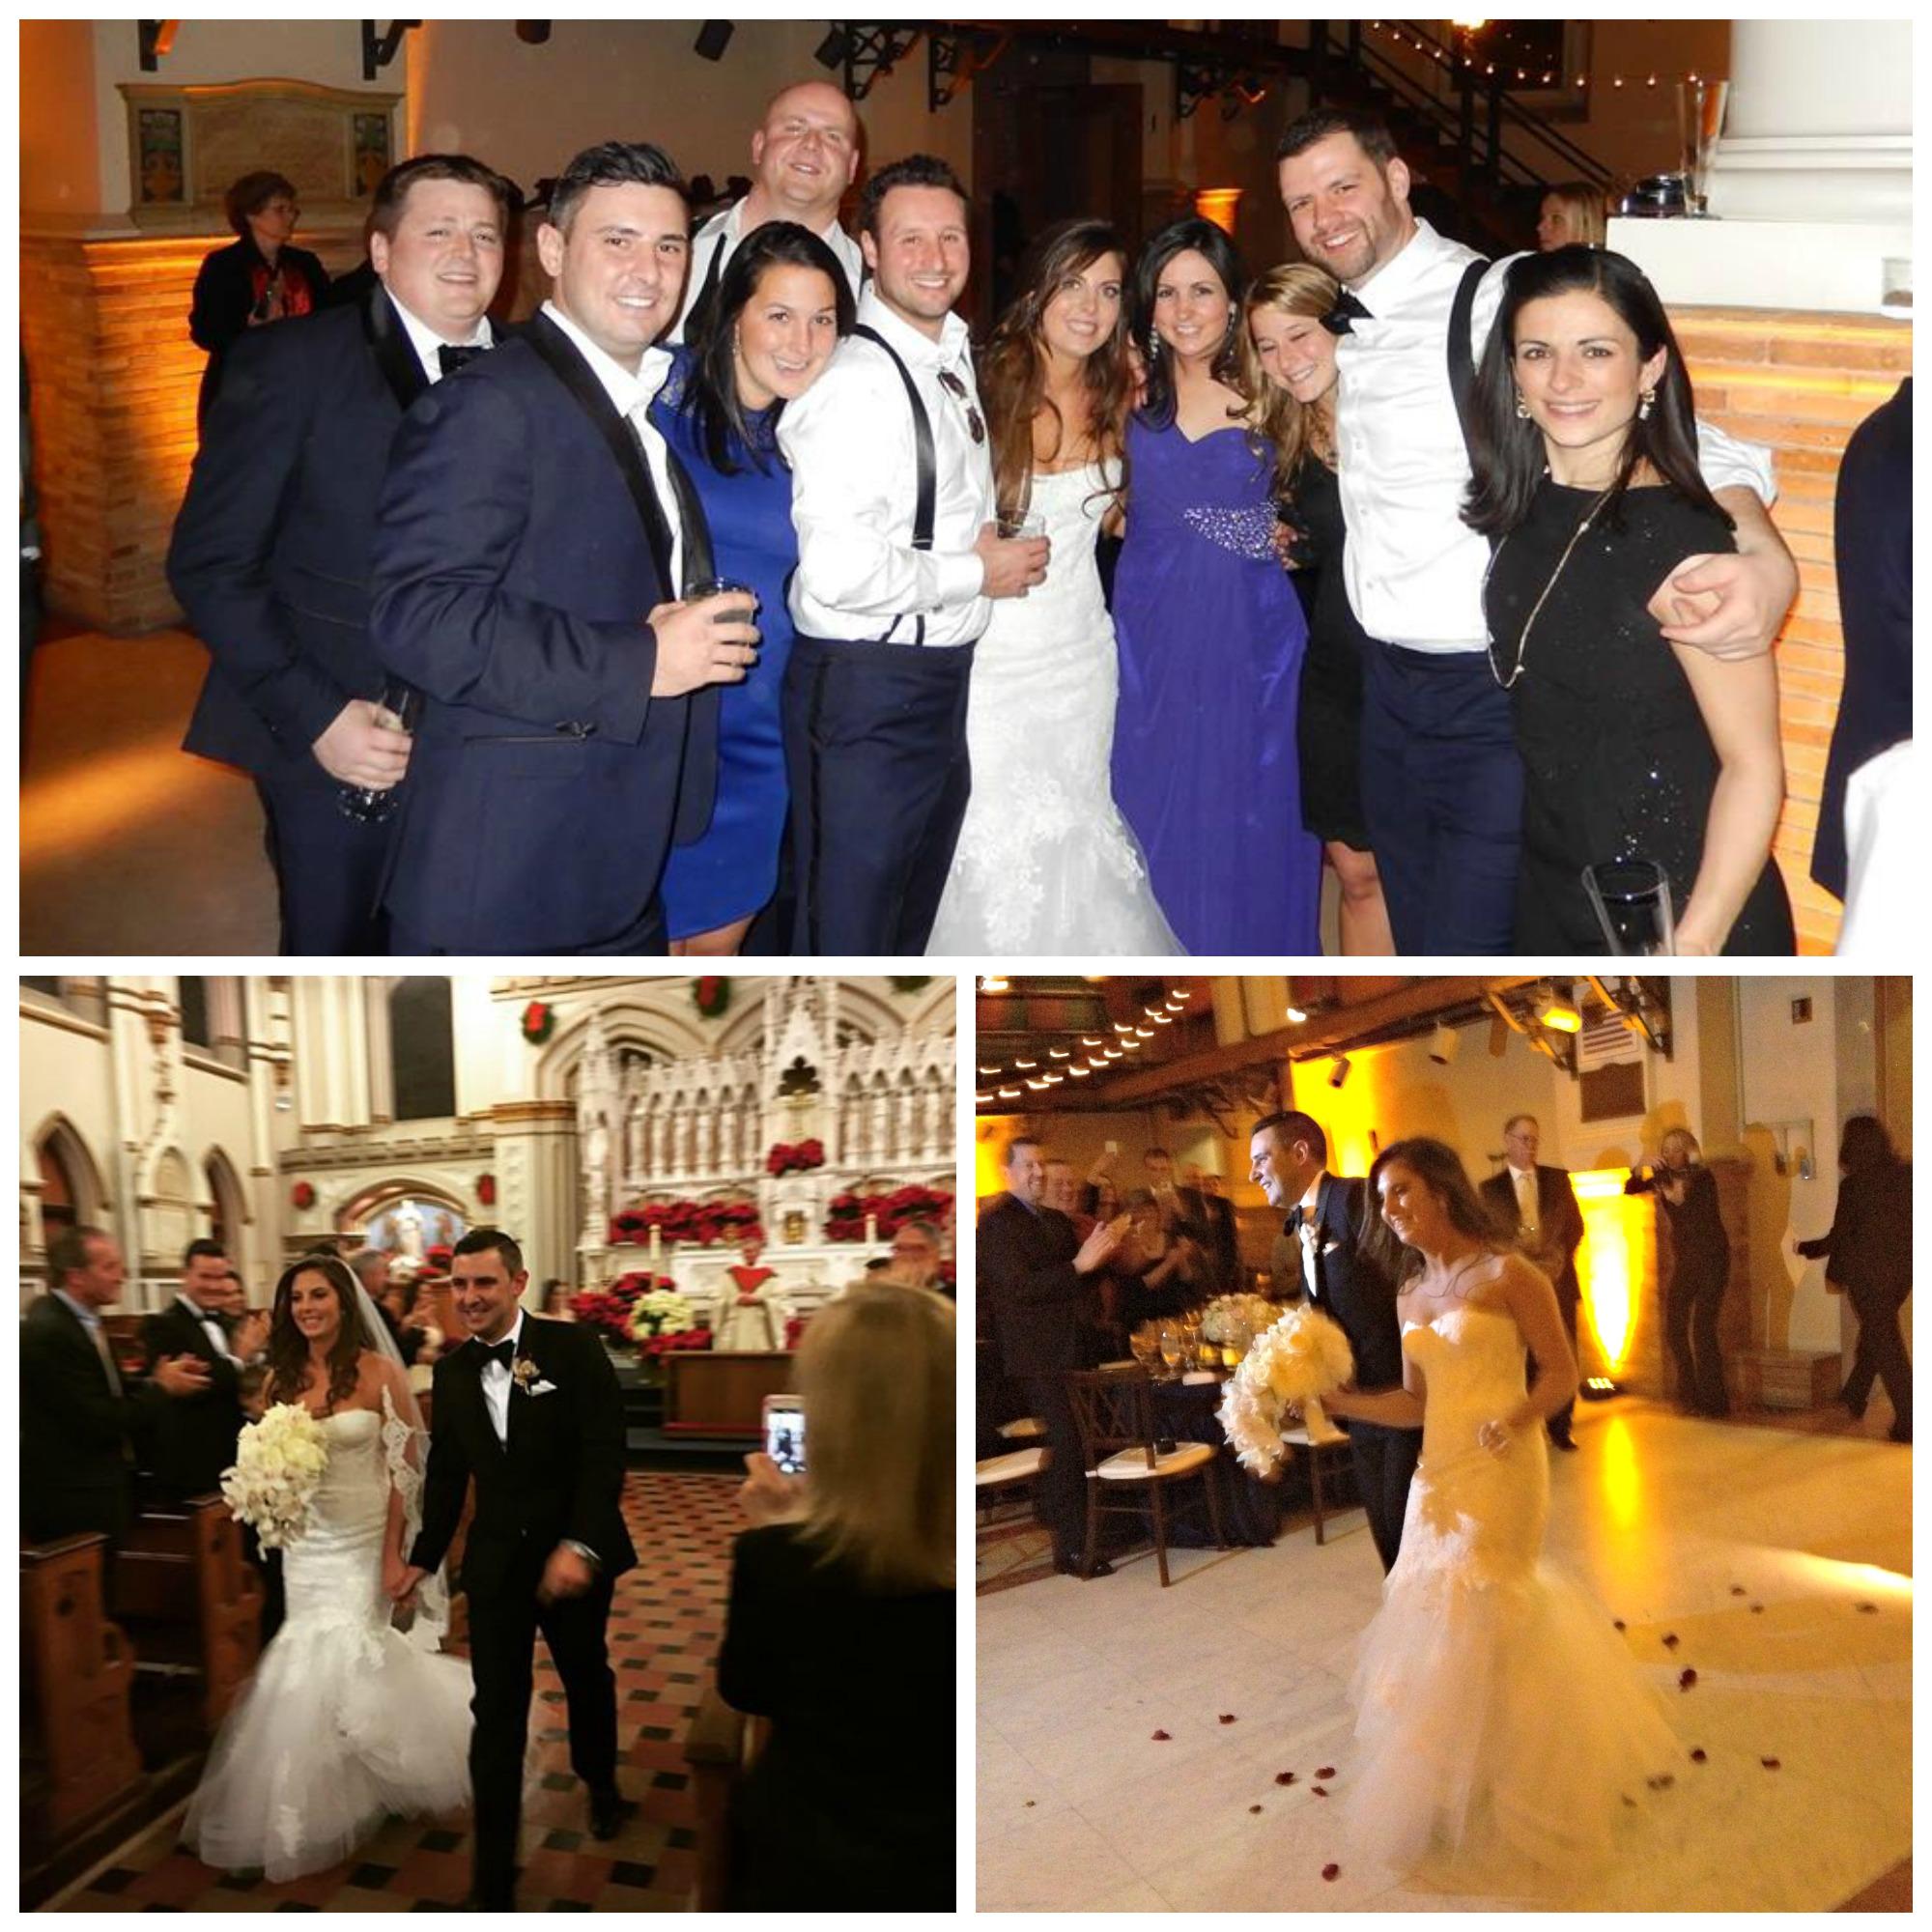 Doug and Carolyn's Wedding